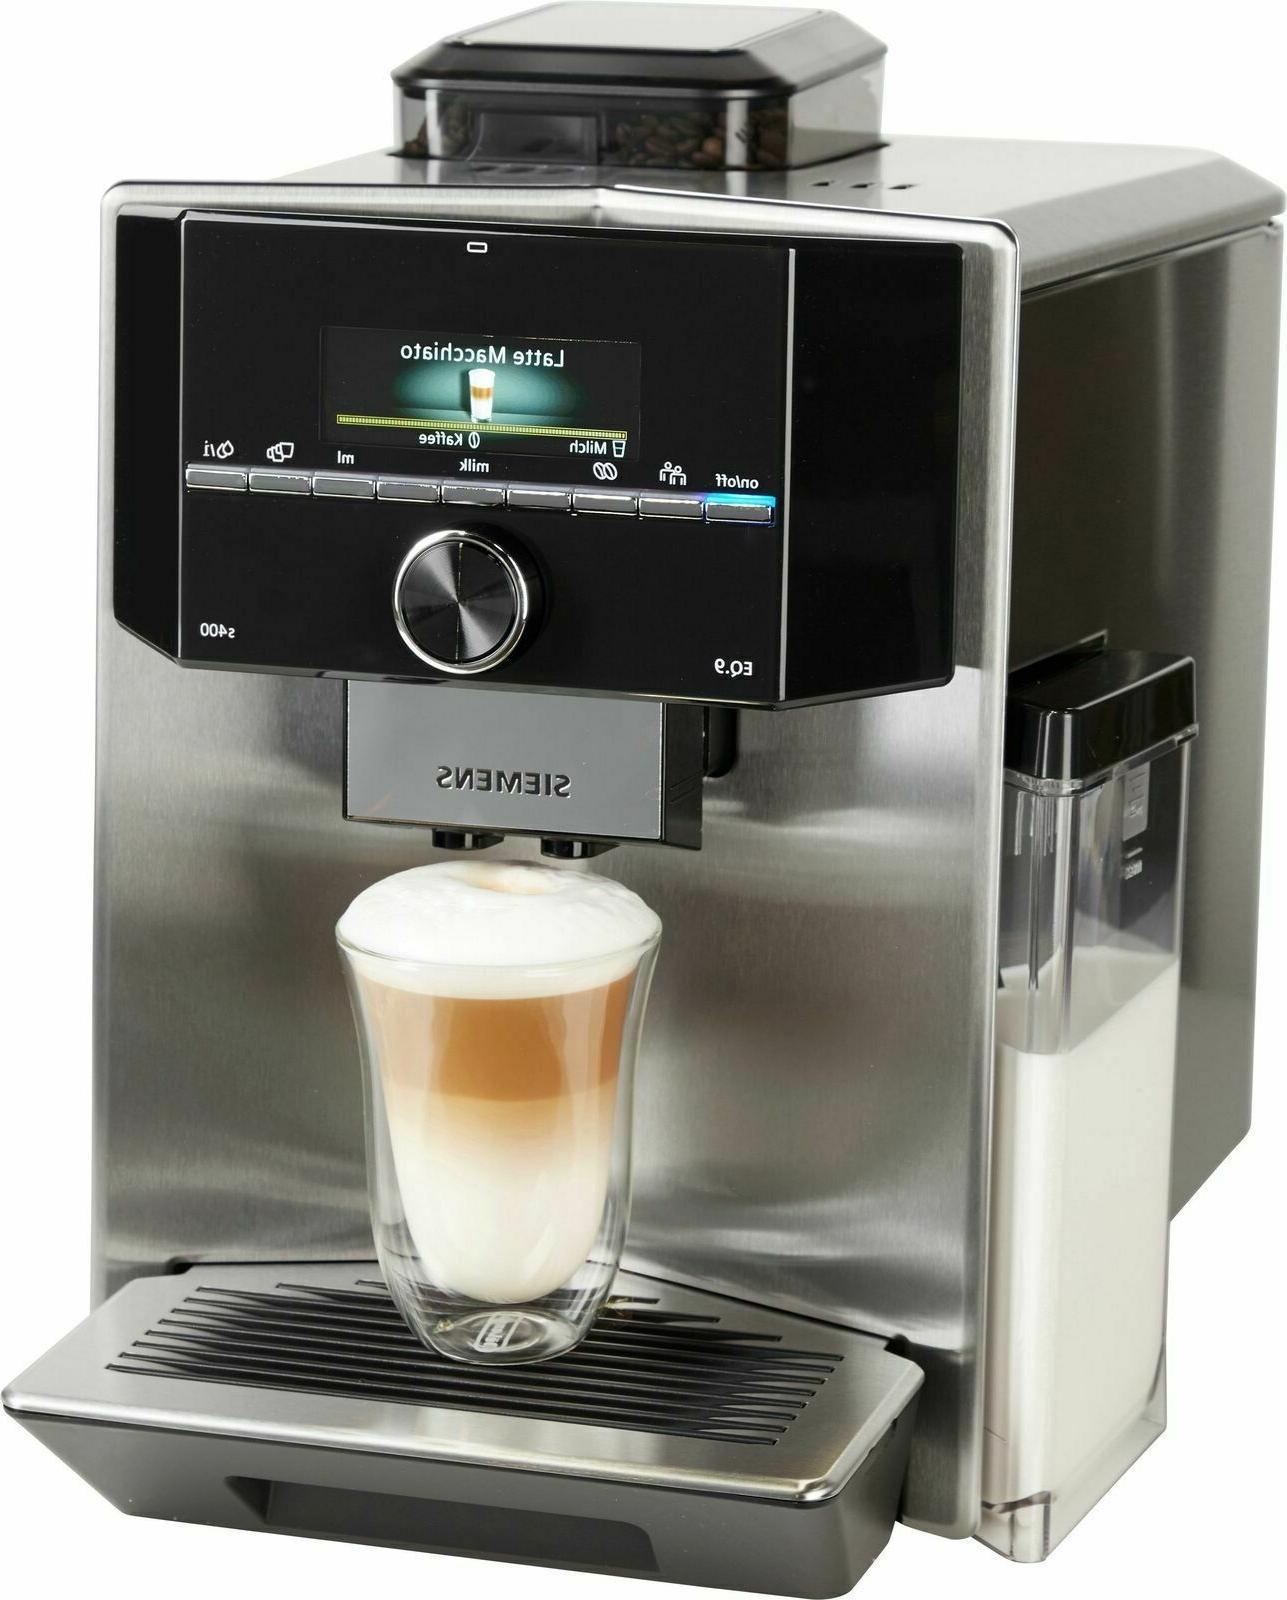 eq 9 s400 ti924501de espresso coffee machine